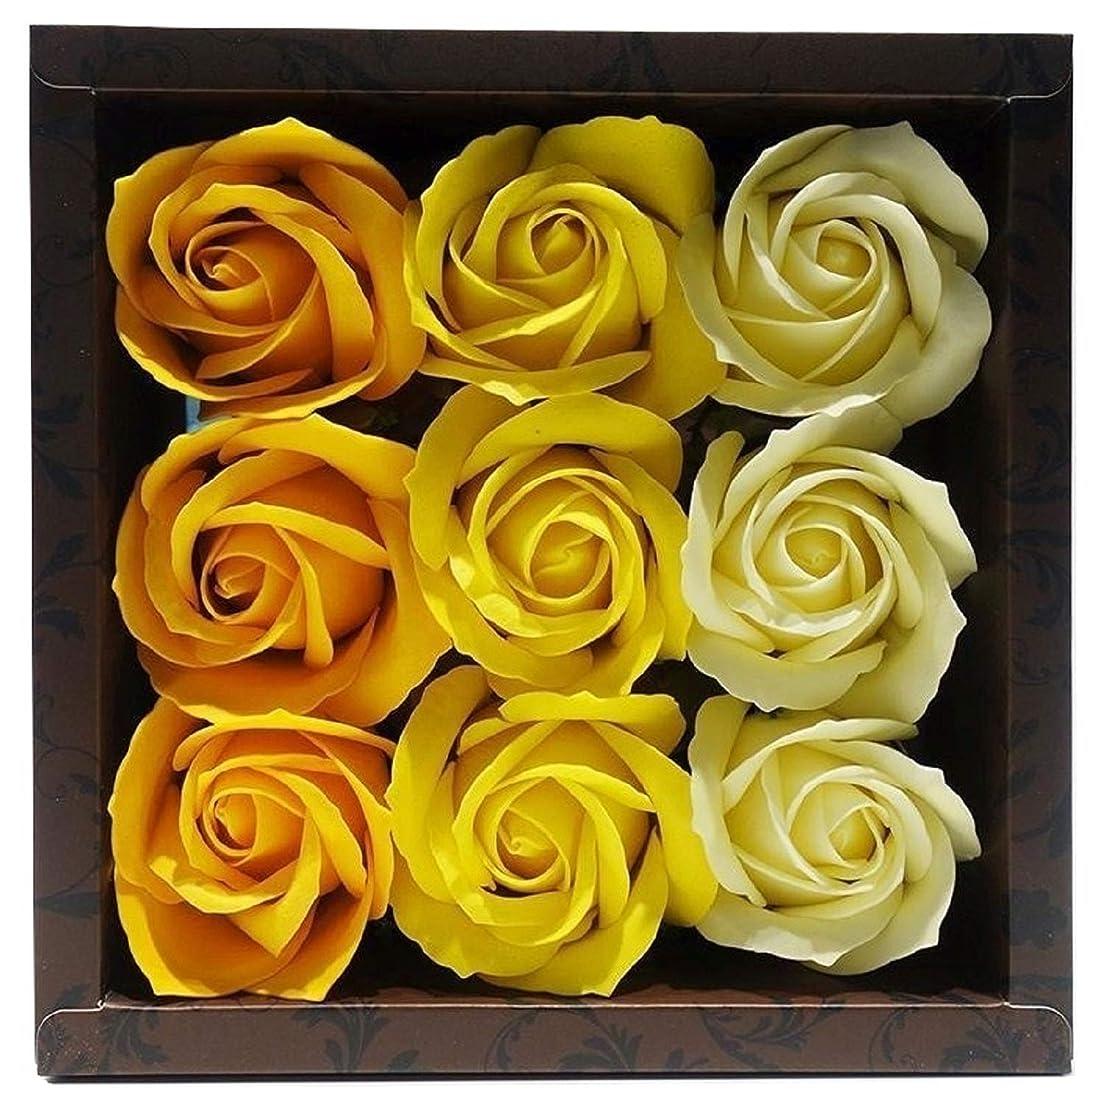 政府カリング配偶者バスフレグランス バスフラワー ローズフレグランス イエローカラー ギフト お花の形の入浴剤